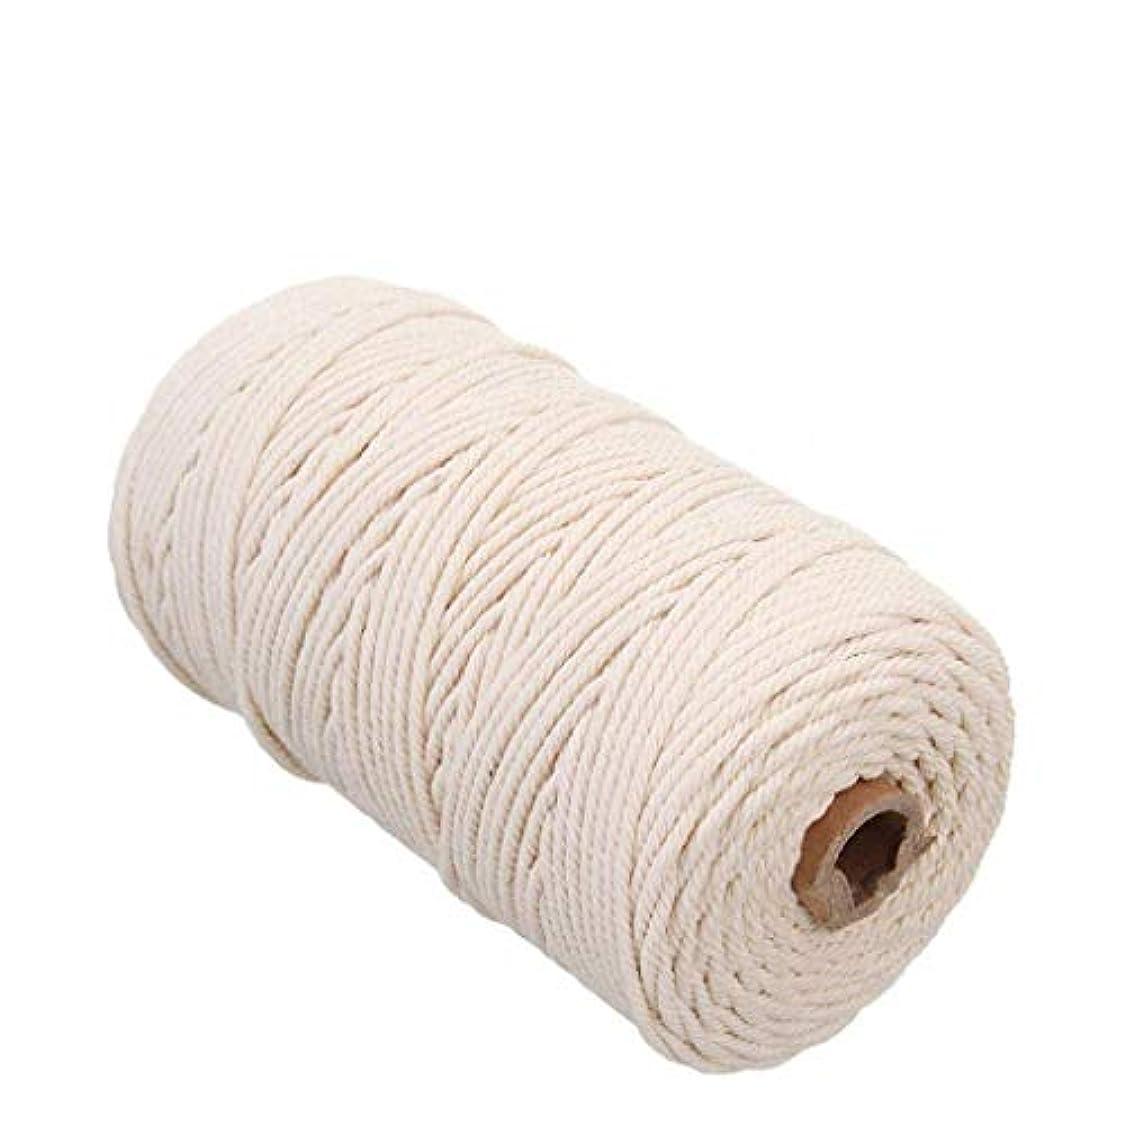 努力風アプライアンス手作りコットン糸 編み 天然コード 紐 綿糸ロープ 壁掛けロープナチュラルカラーニット製造プラントハンガー?クラフト 2mm x 200m (ライスホワイト)